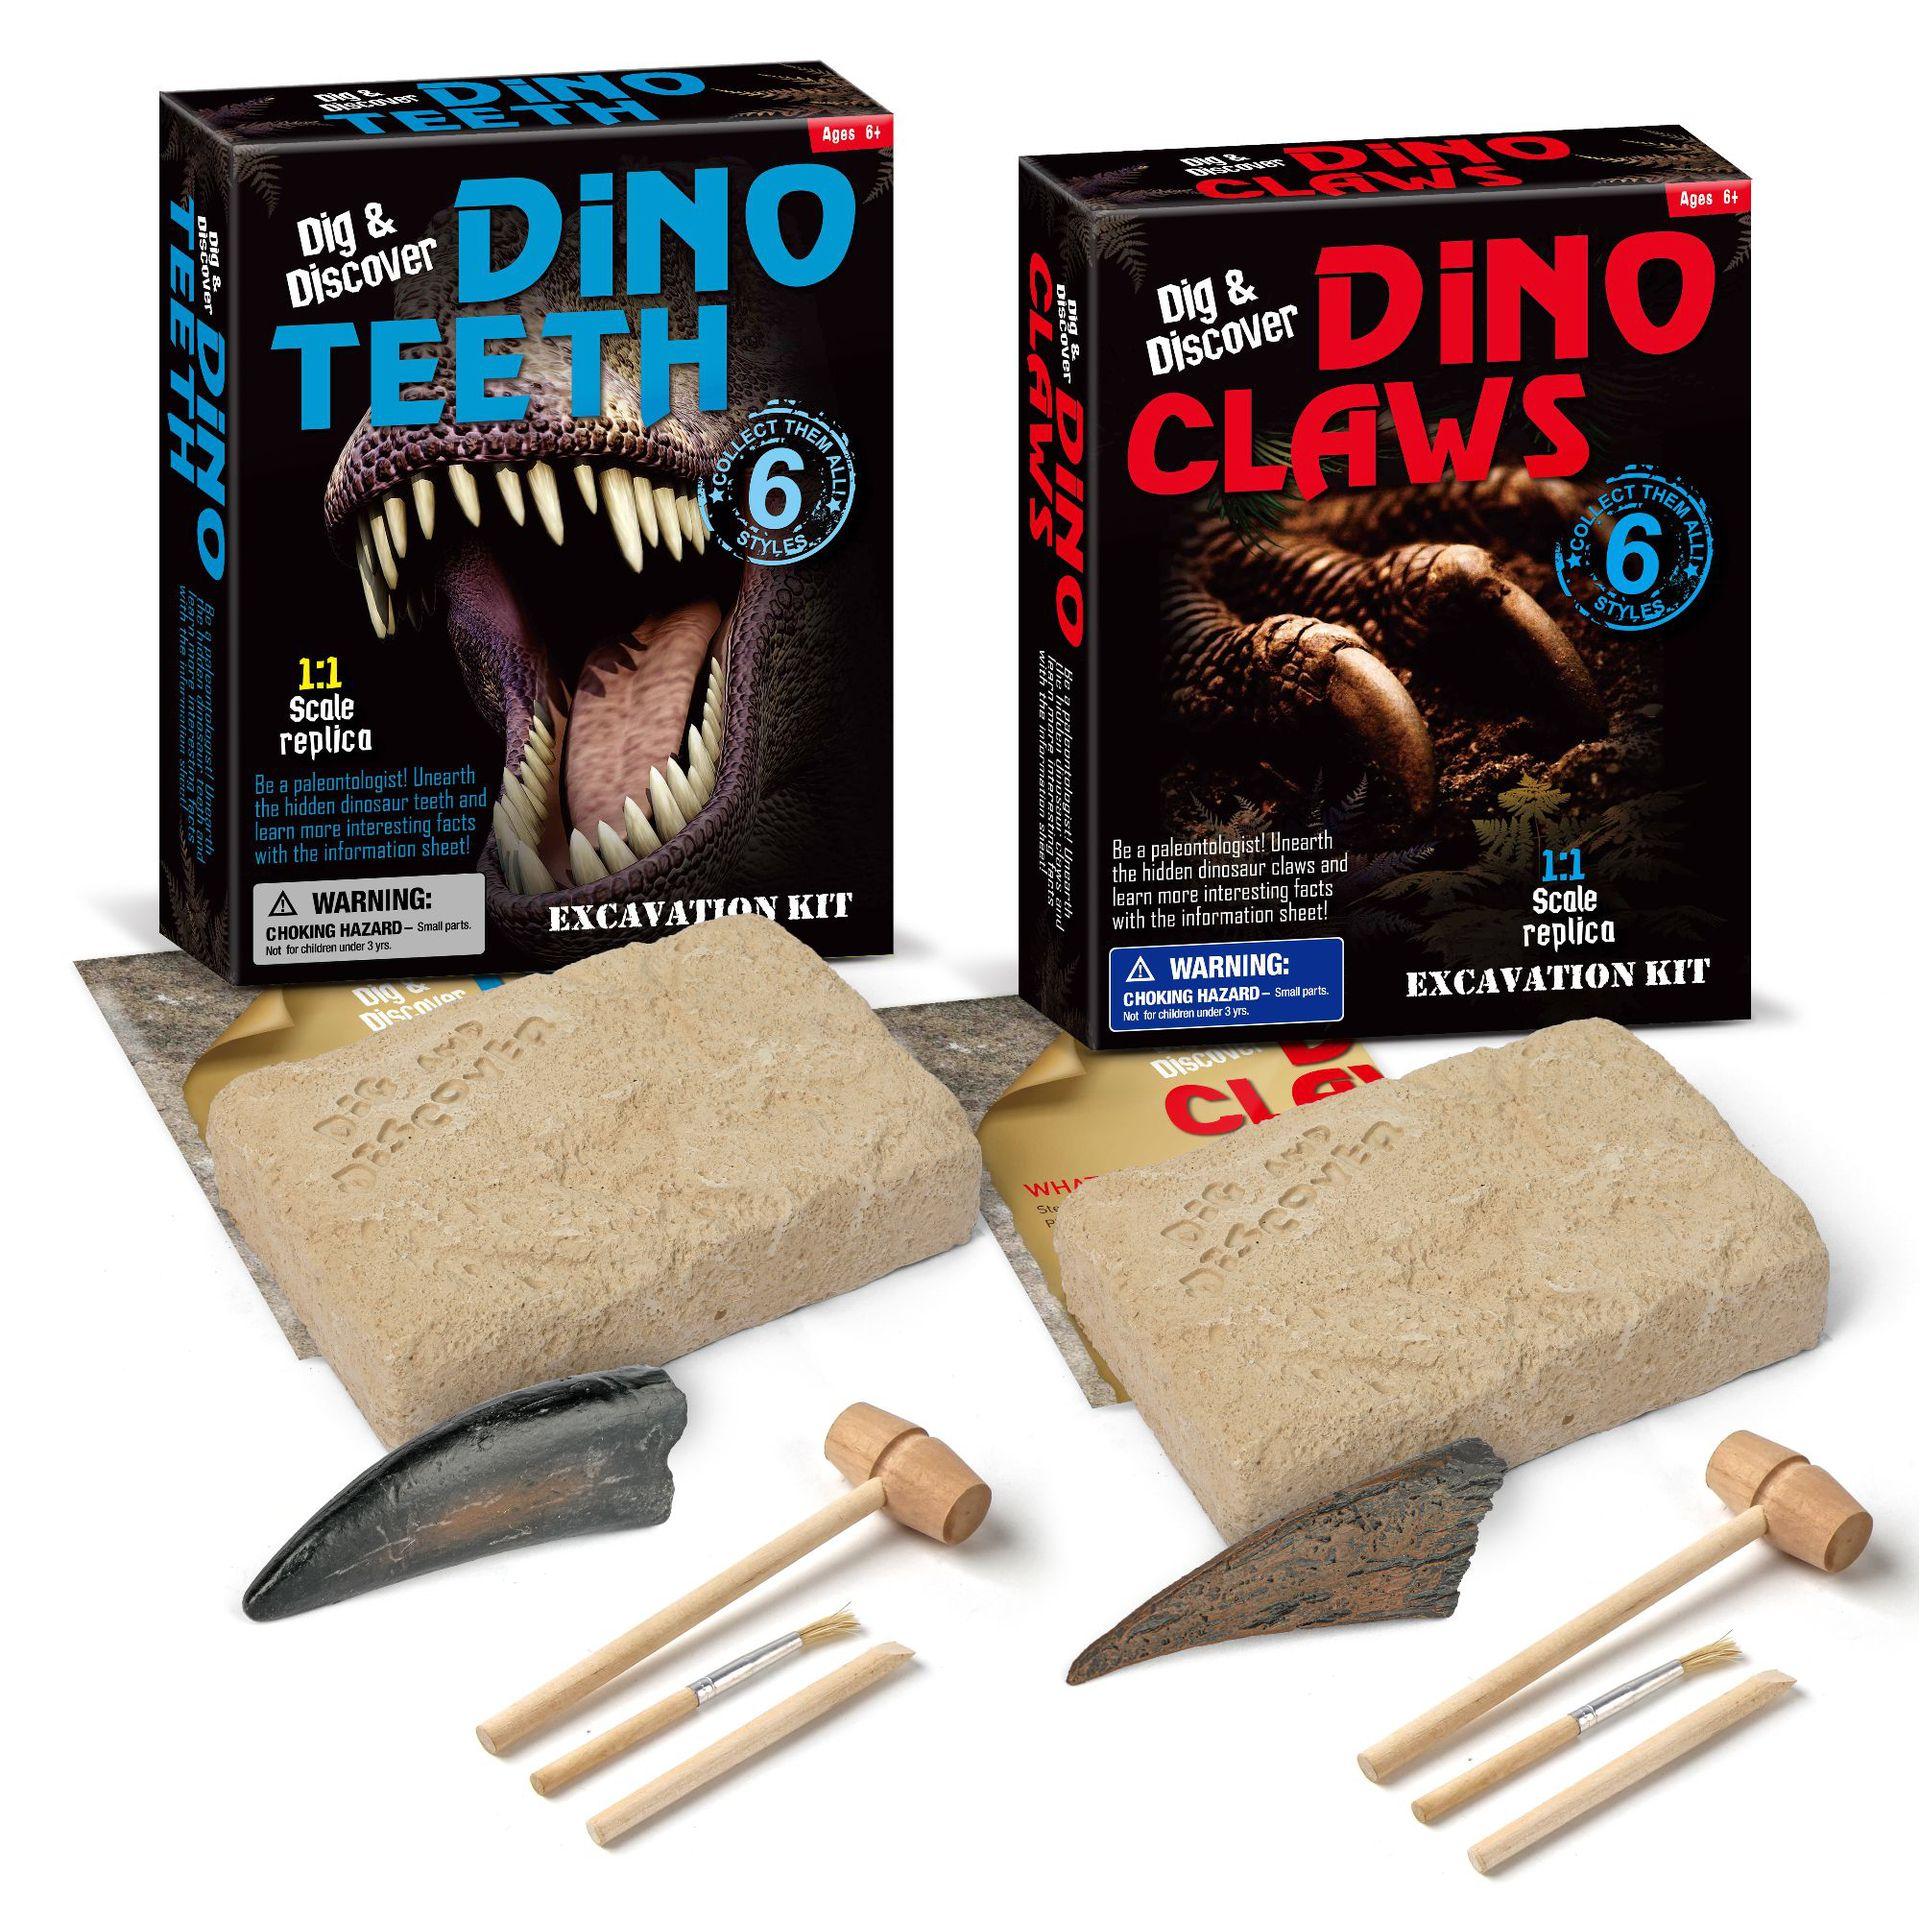 Crianças diy brinquedos de escavação novo dinossauro brinquedos arqueológicos 6 anos de idade e acima brinquedos educativos para casa